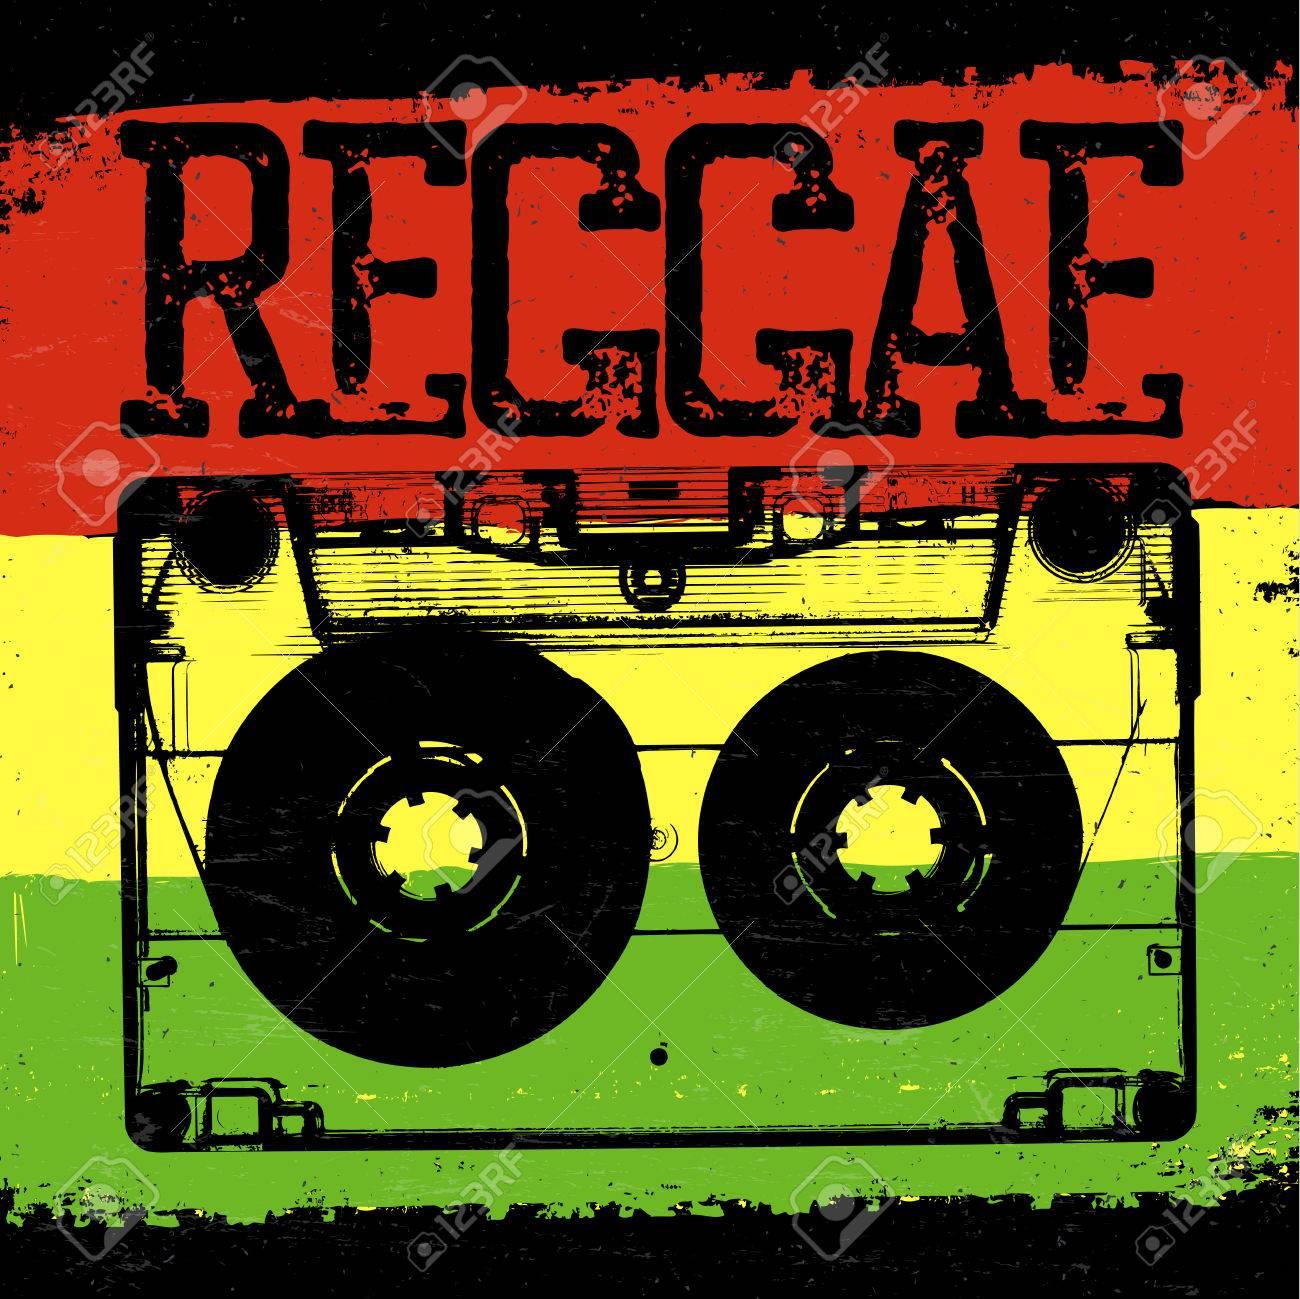 Audiocassette and Reggae lettering. Vector reggae design with audiocassette on rastafarian grunge background - 65265251